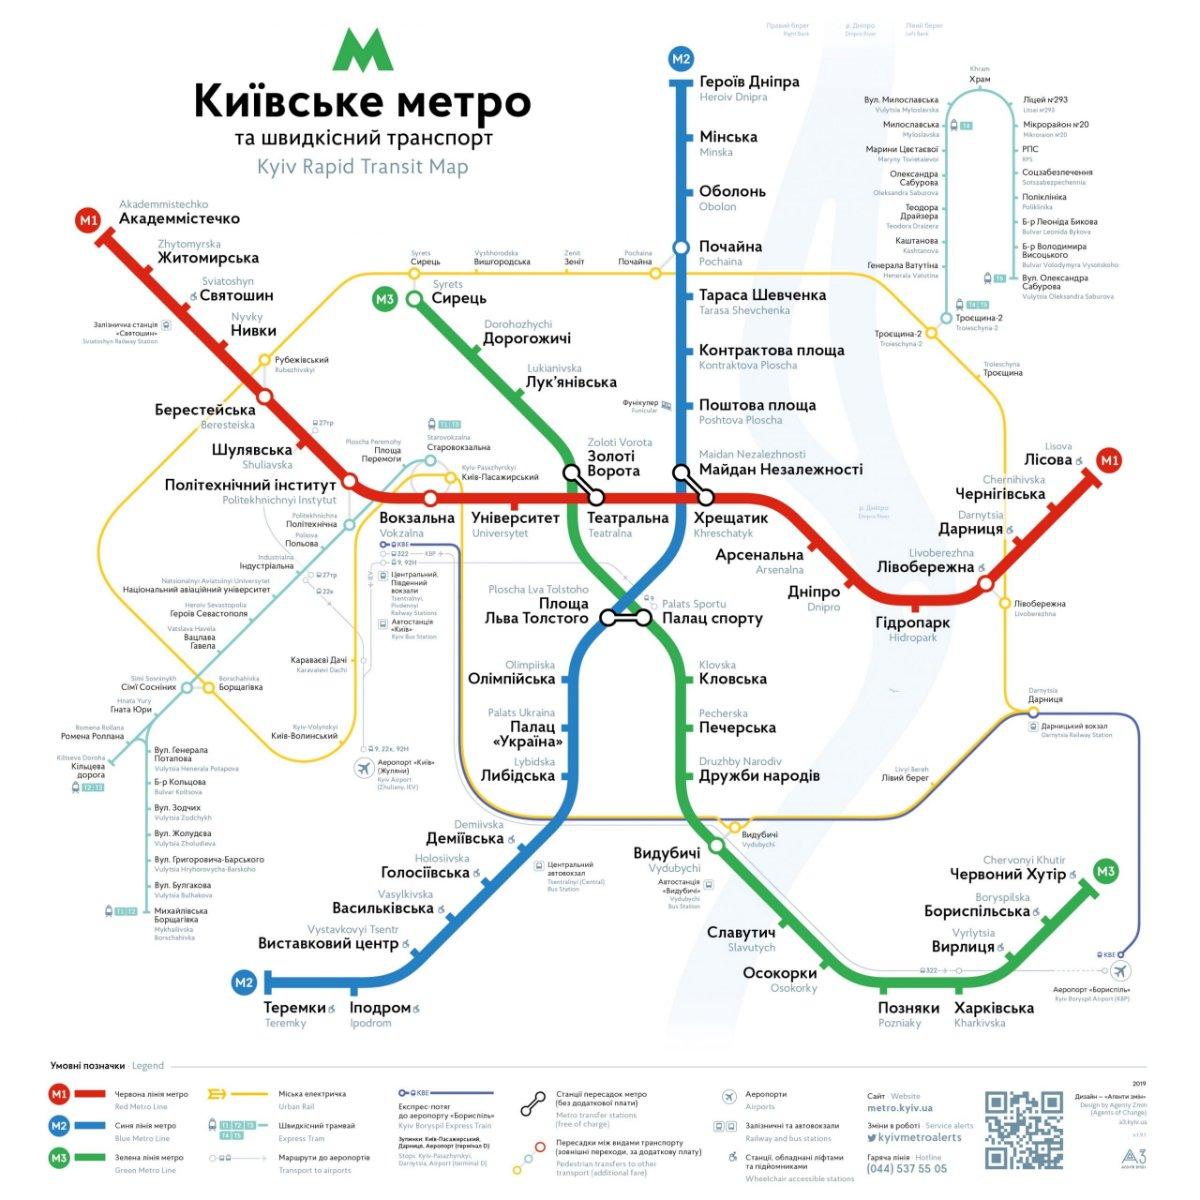 IDMedia Наружная реклама в городе Киев (Киевская область), Метро Digital в городе Киев №238969 схема